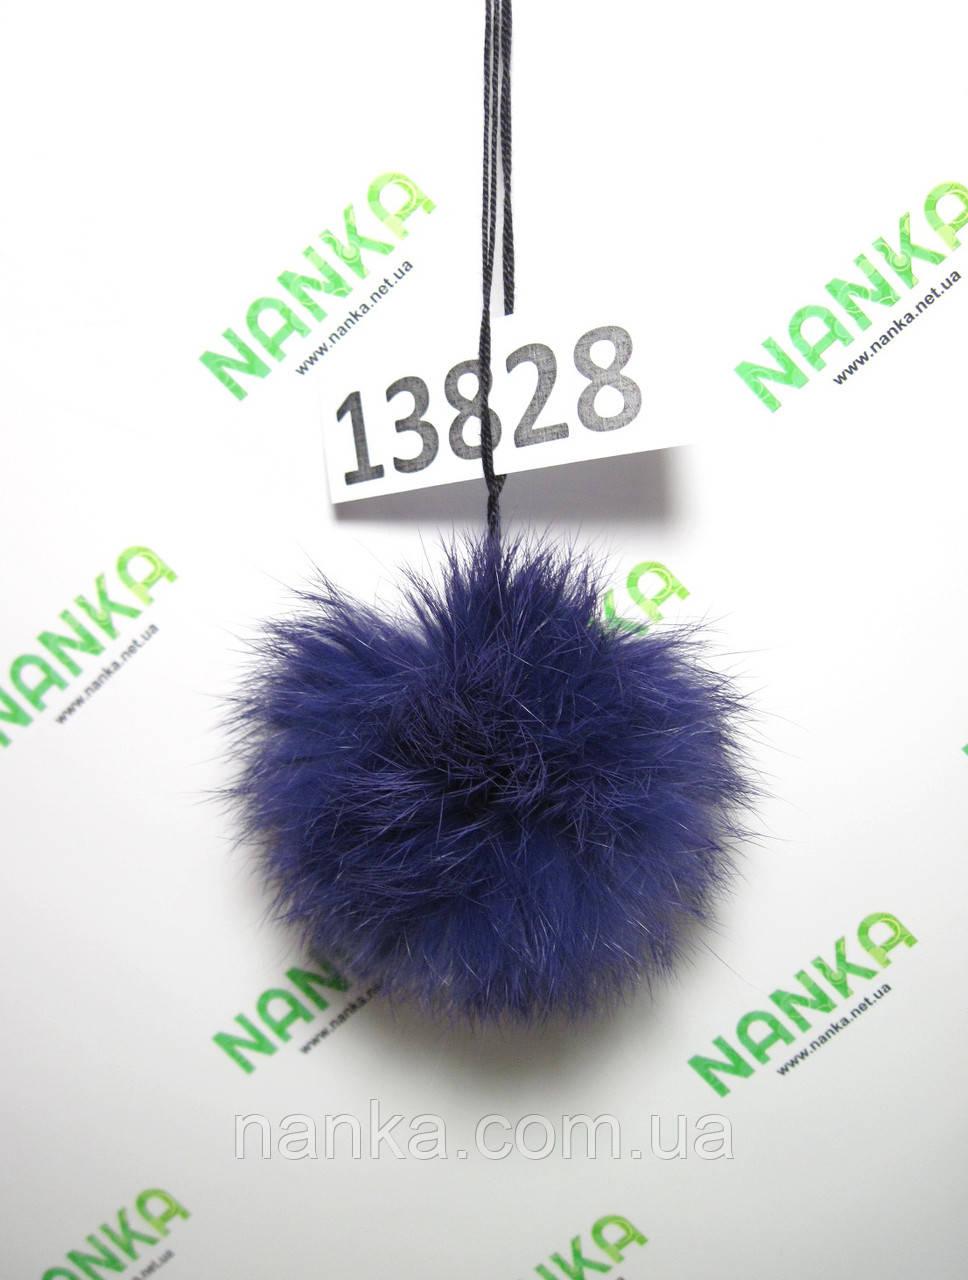 Меховой помпон Кролик, Фиолет, 8 см, 13828